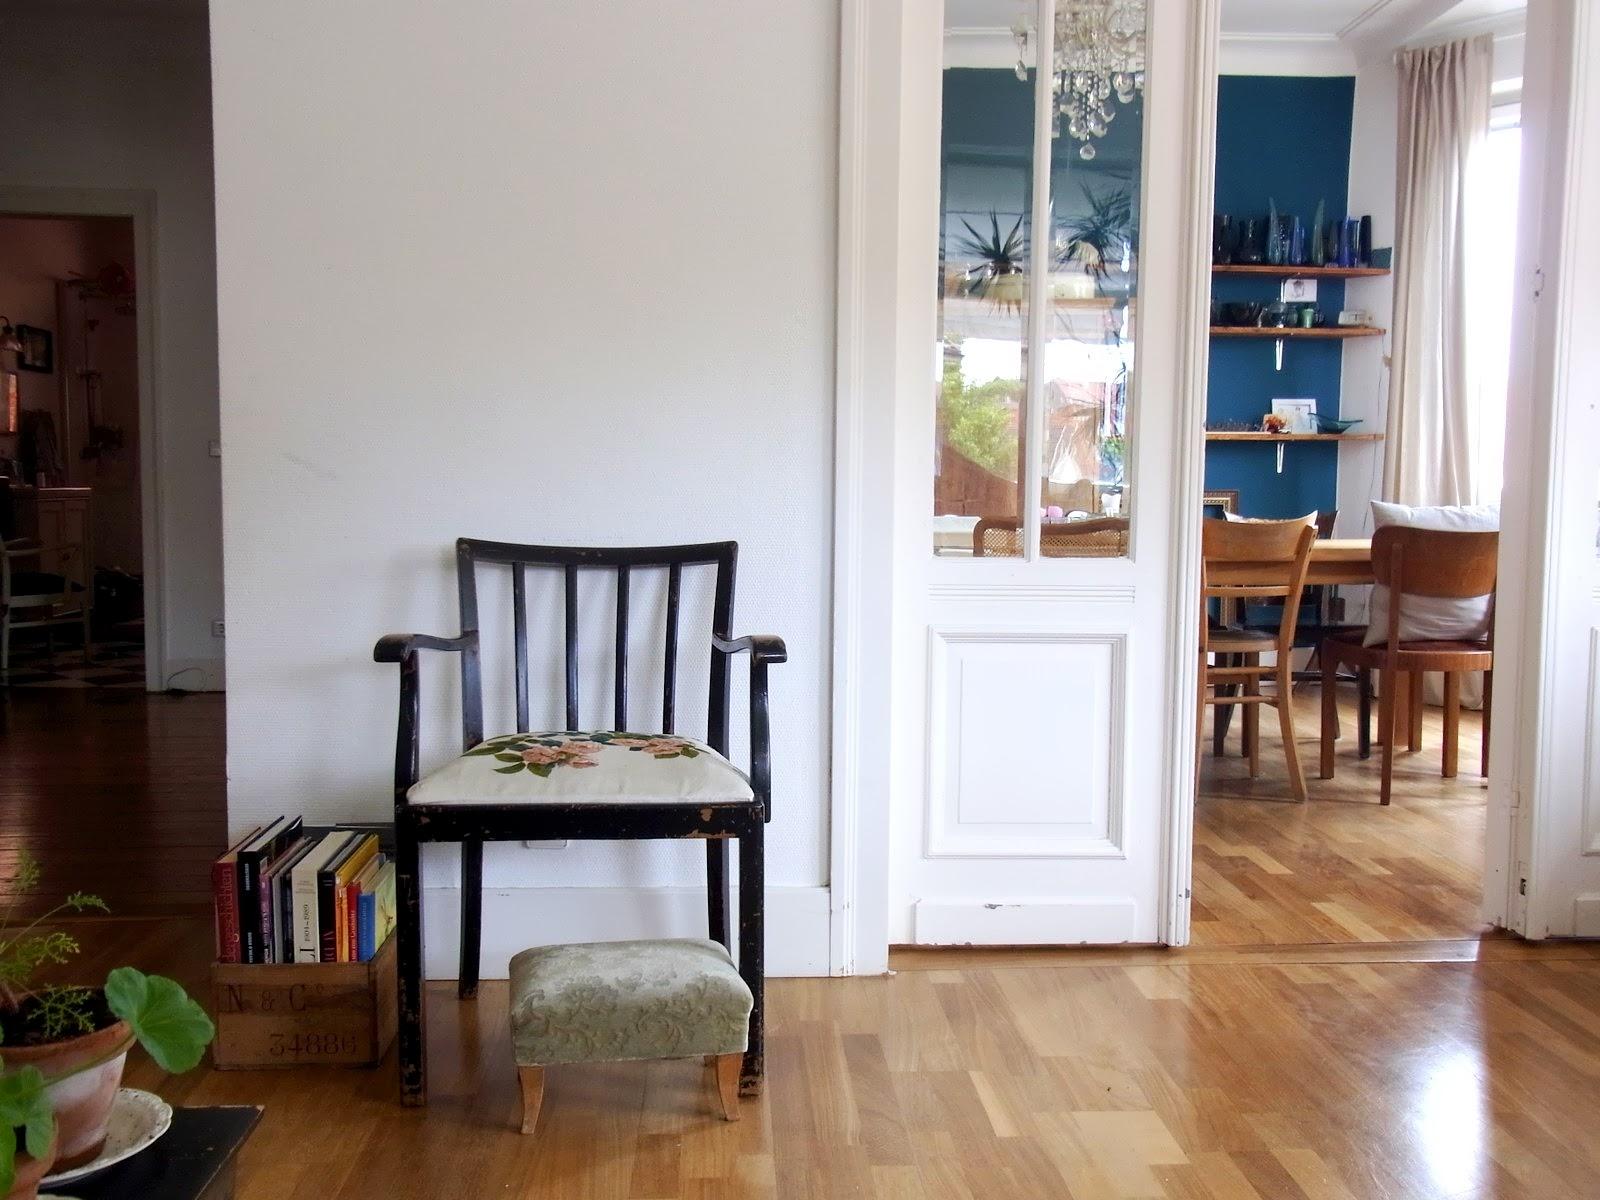 fein paneele weis wohnzimmer - hofgoldschmiede von heimath fen und der weiten welt